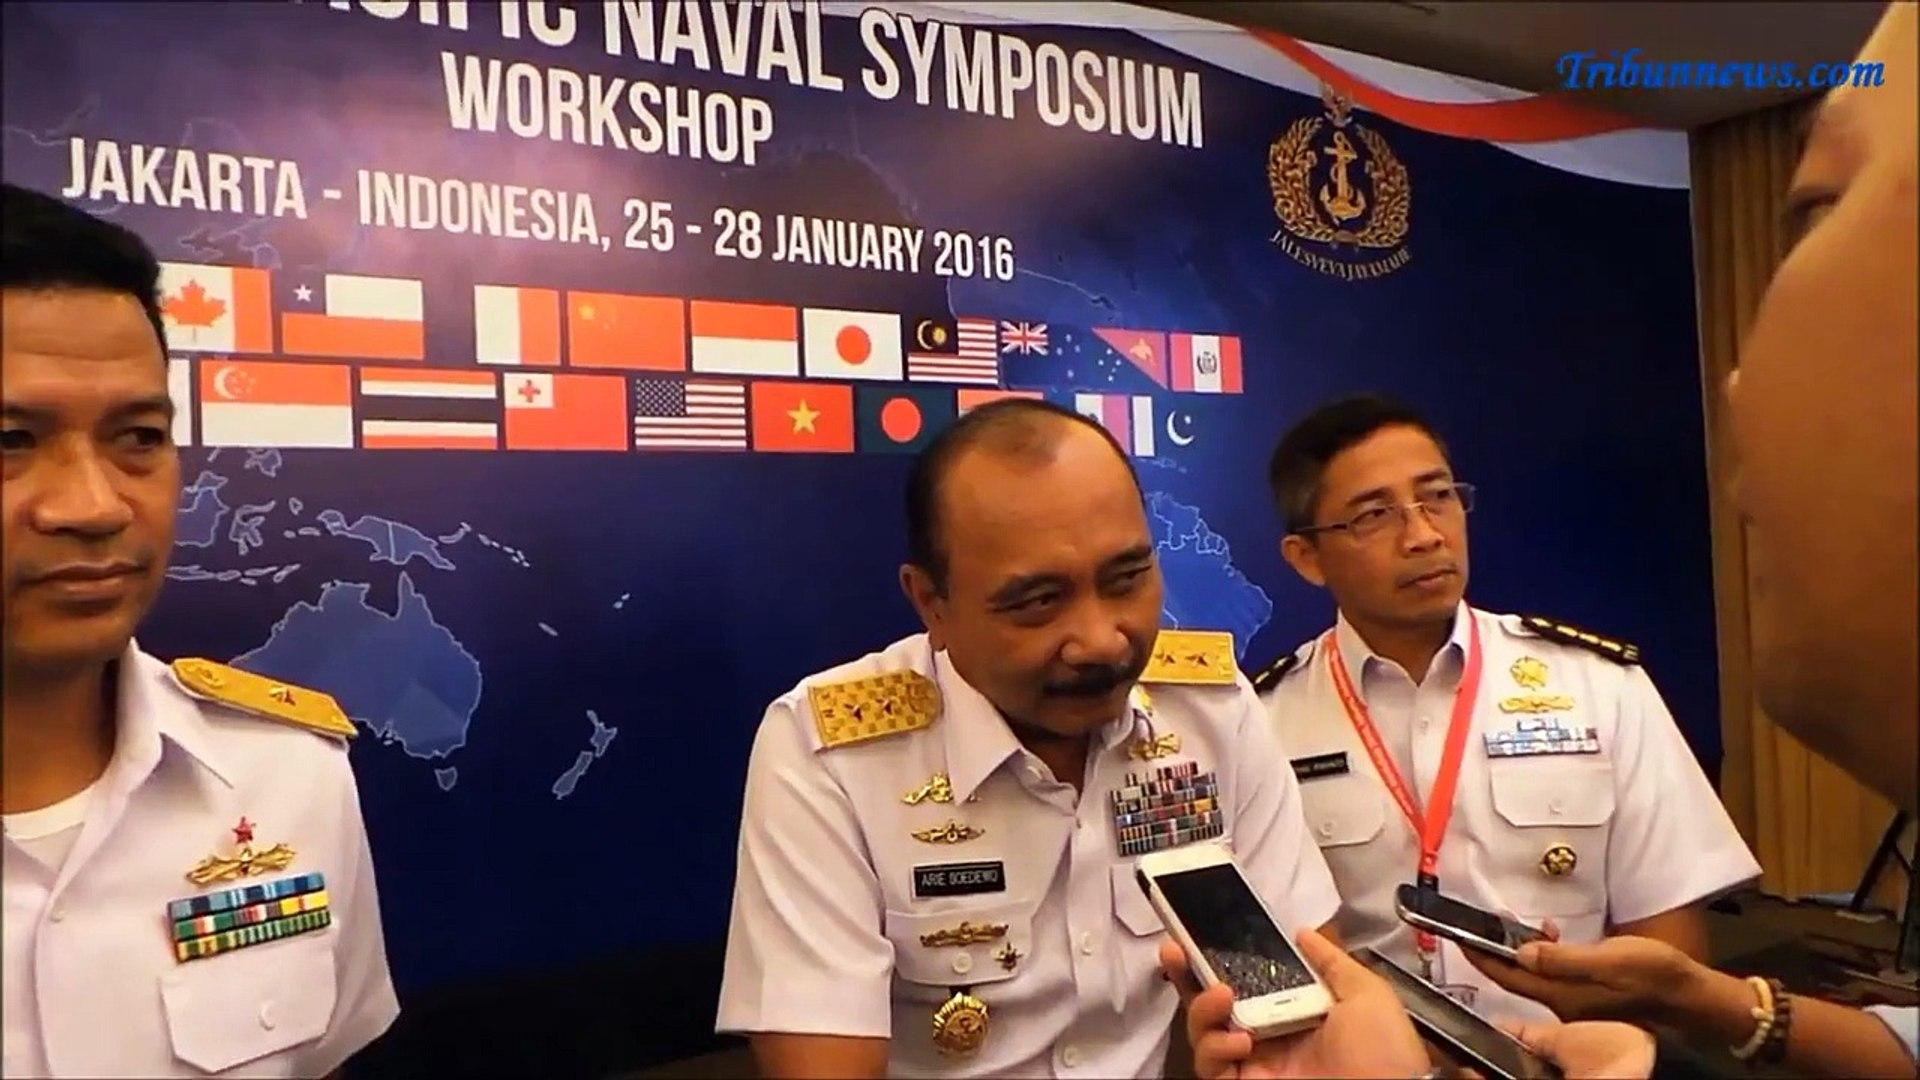 Angkatan Laut dari 27 Negara Berkumpul di Jakarta